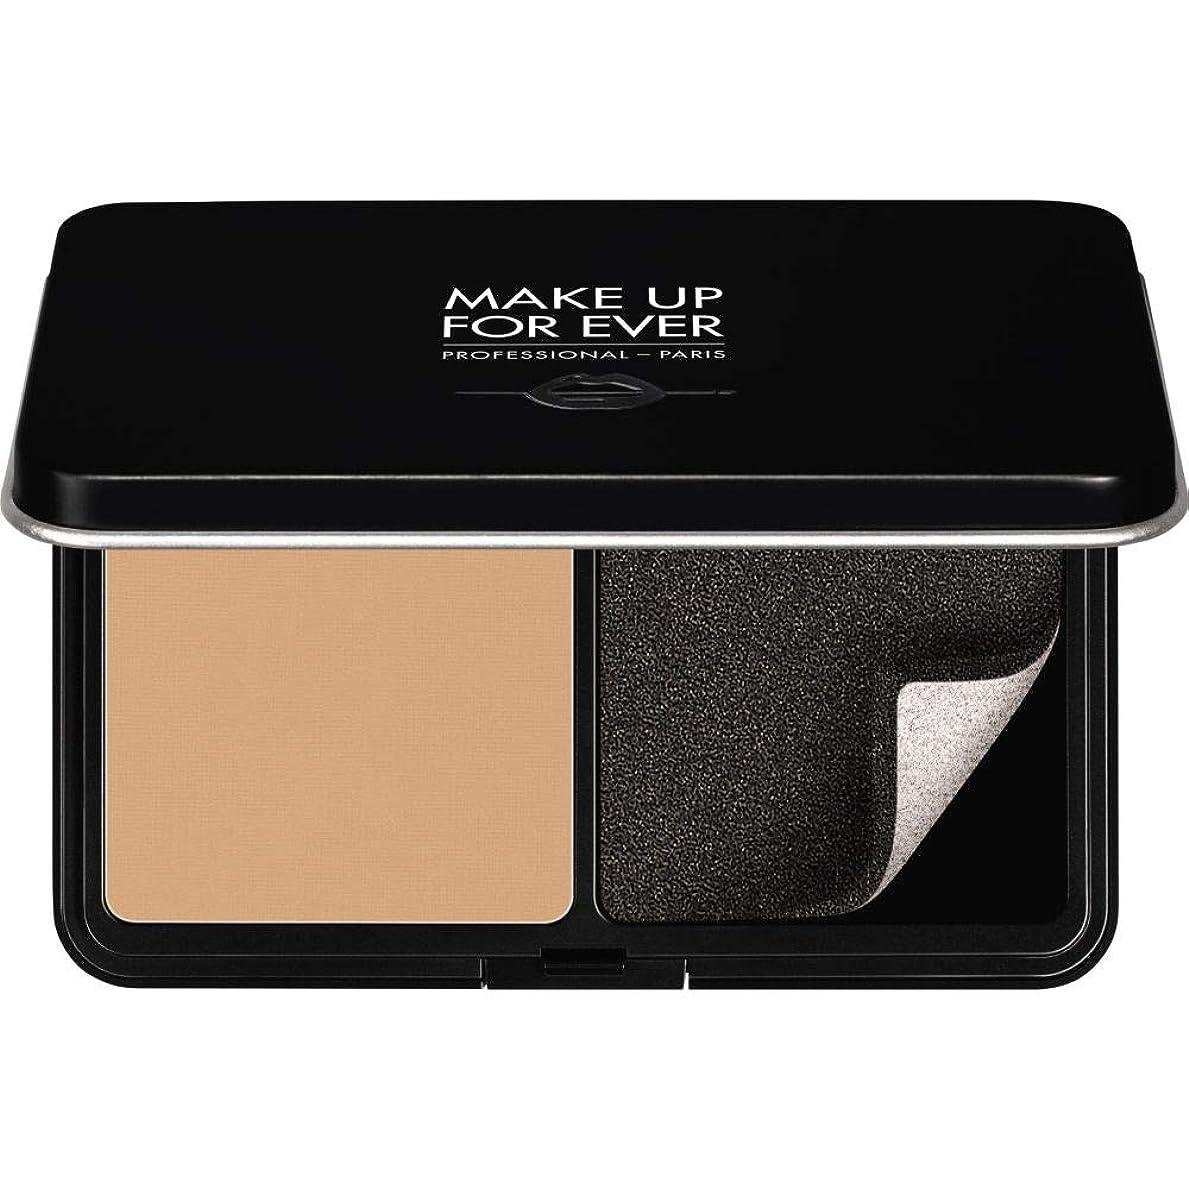 調和のとれた曲げる葉巻[MAKE UP FOR EVER ] ニュートラルベージュ - パウダーファンデーション11GののY355をぼかし、これまでマットベルベットの肌を補います - MAKE UP FOR EVER Matte Velvet Skin Blurring Powder Foundation 11g Y355 - Neutral Beige [並行輸入品]